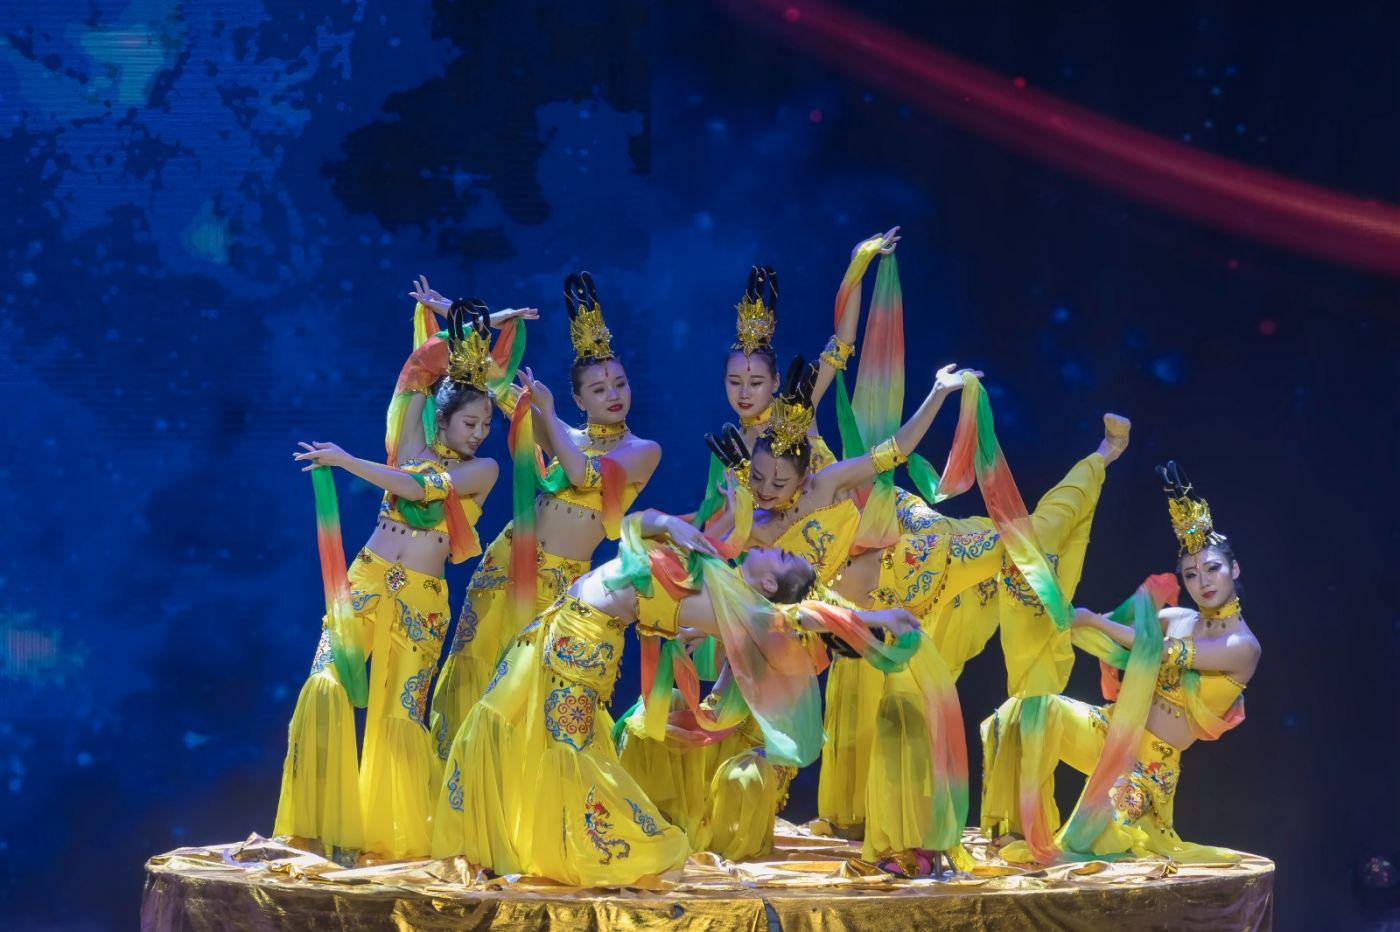 沂蒙大地上 有一种舞蹈叫飞天 这是几位临沂女孩的杰作 美轮美奂 ..._图1-41